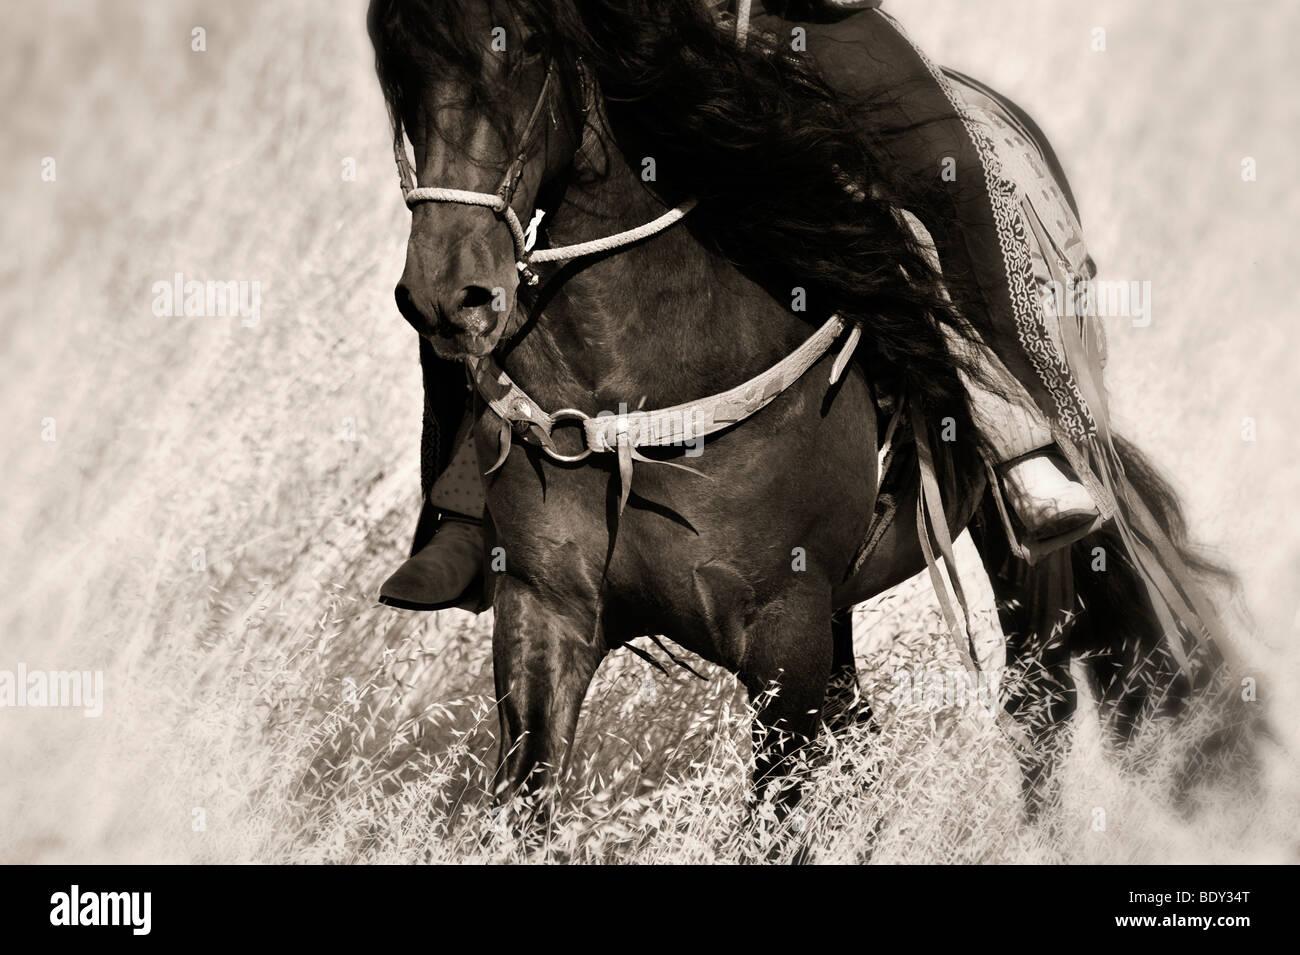 Jinete Charro a caballo Foto de stock